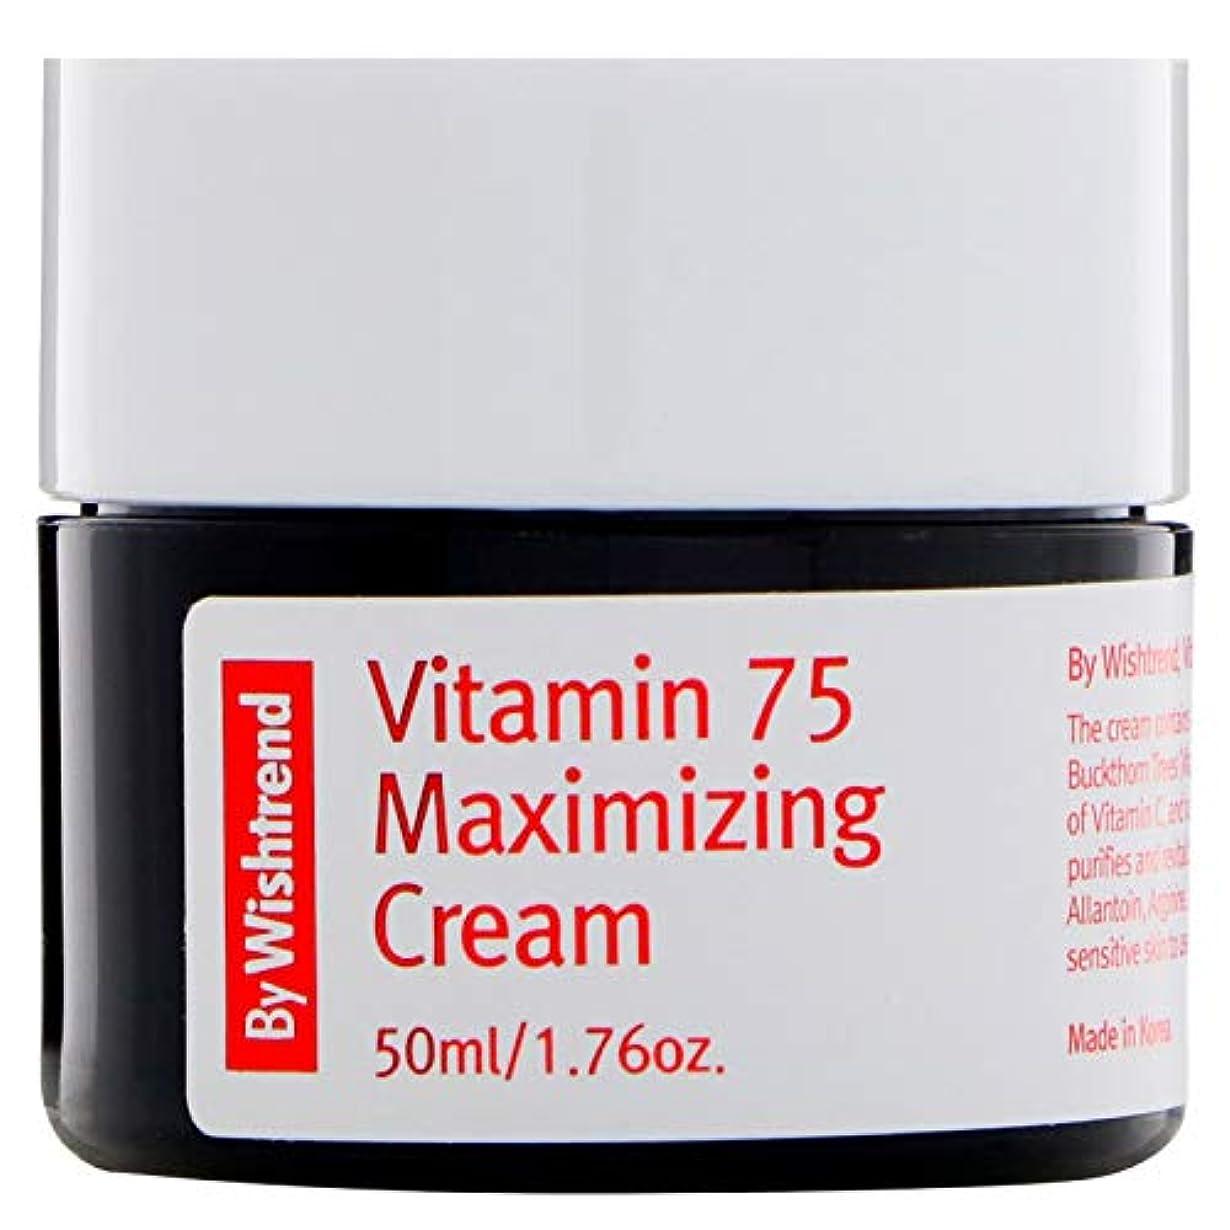 理解魅力従来の[BY WISHTREND]ビタミン75 マキシマイジング クリーム, Vitamin 75 Maximizing Cream [並行輸入品]